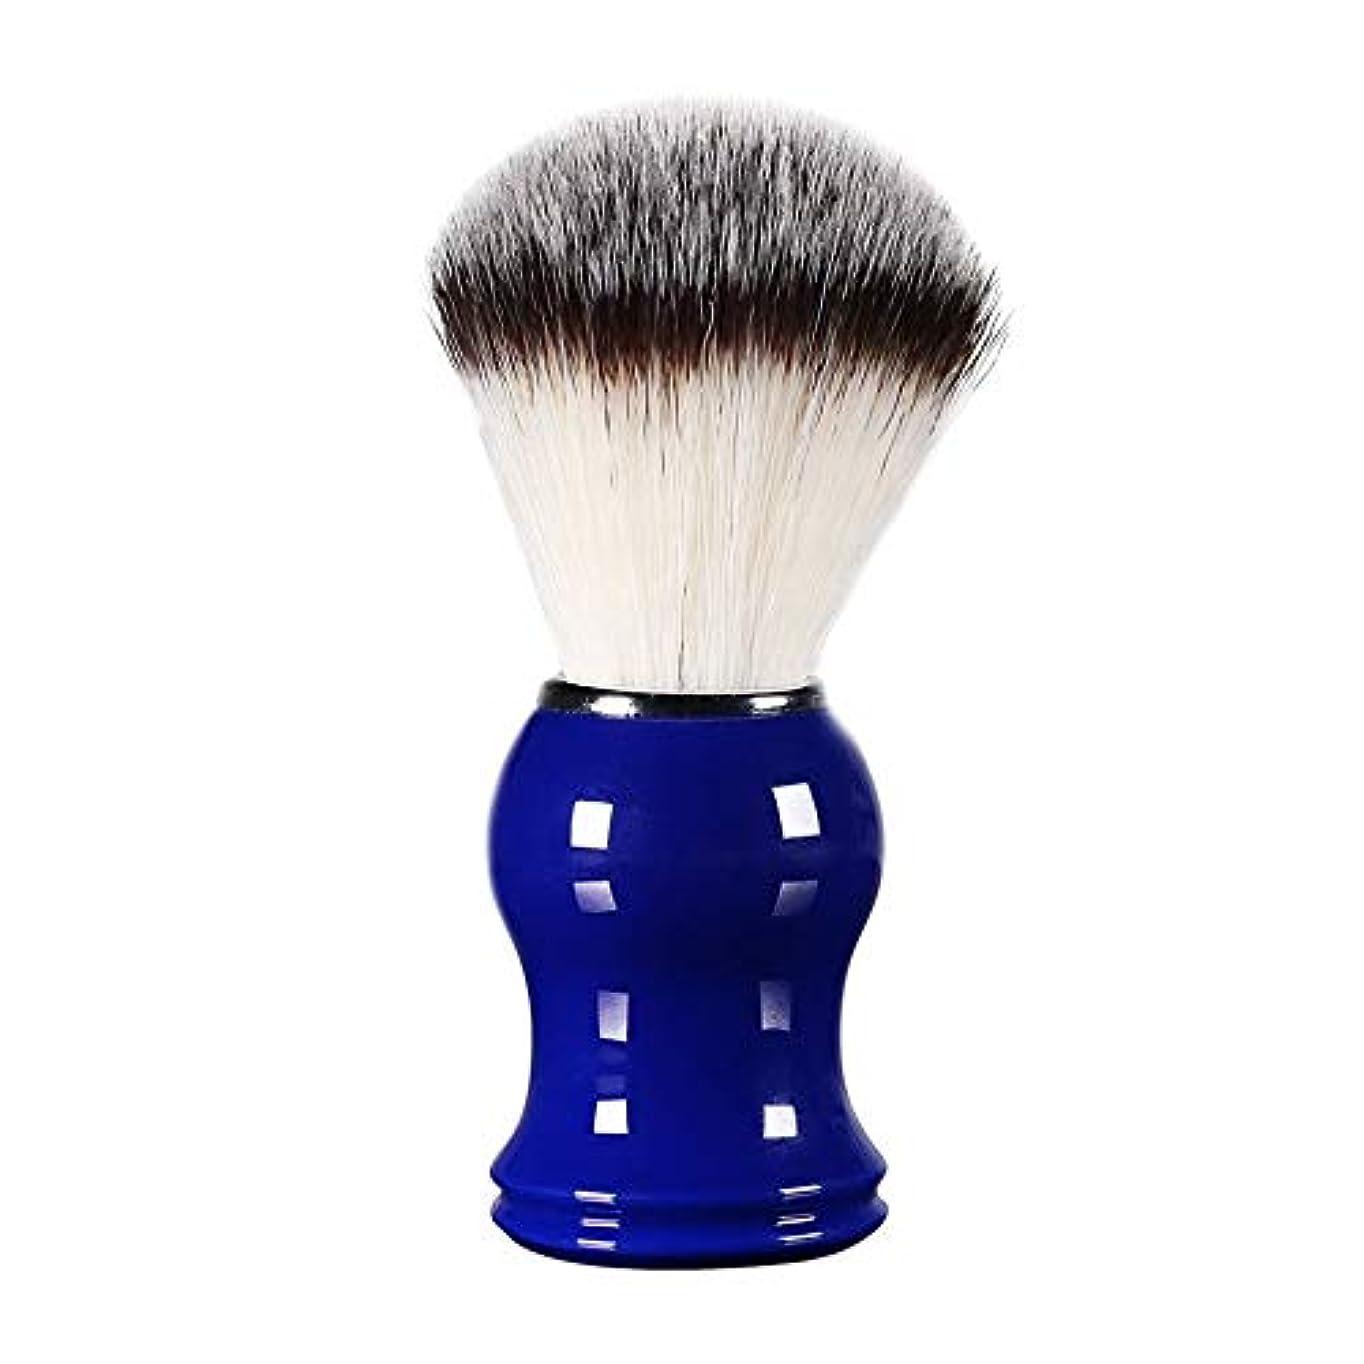 だらしない彫る横にOddalsail メンズ シェービングブラシ 理髪 男性用 顔髭 クリーニングブラシ 樹脂ハンドル付き ブルー